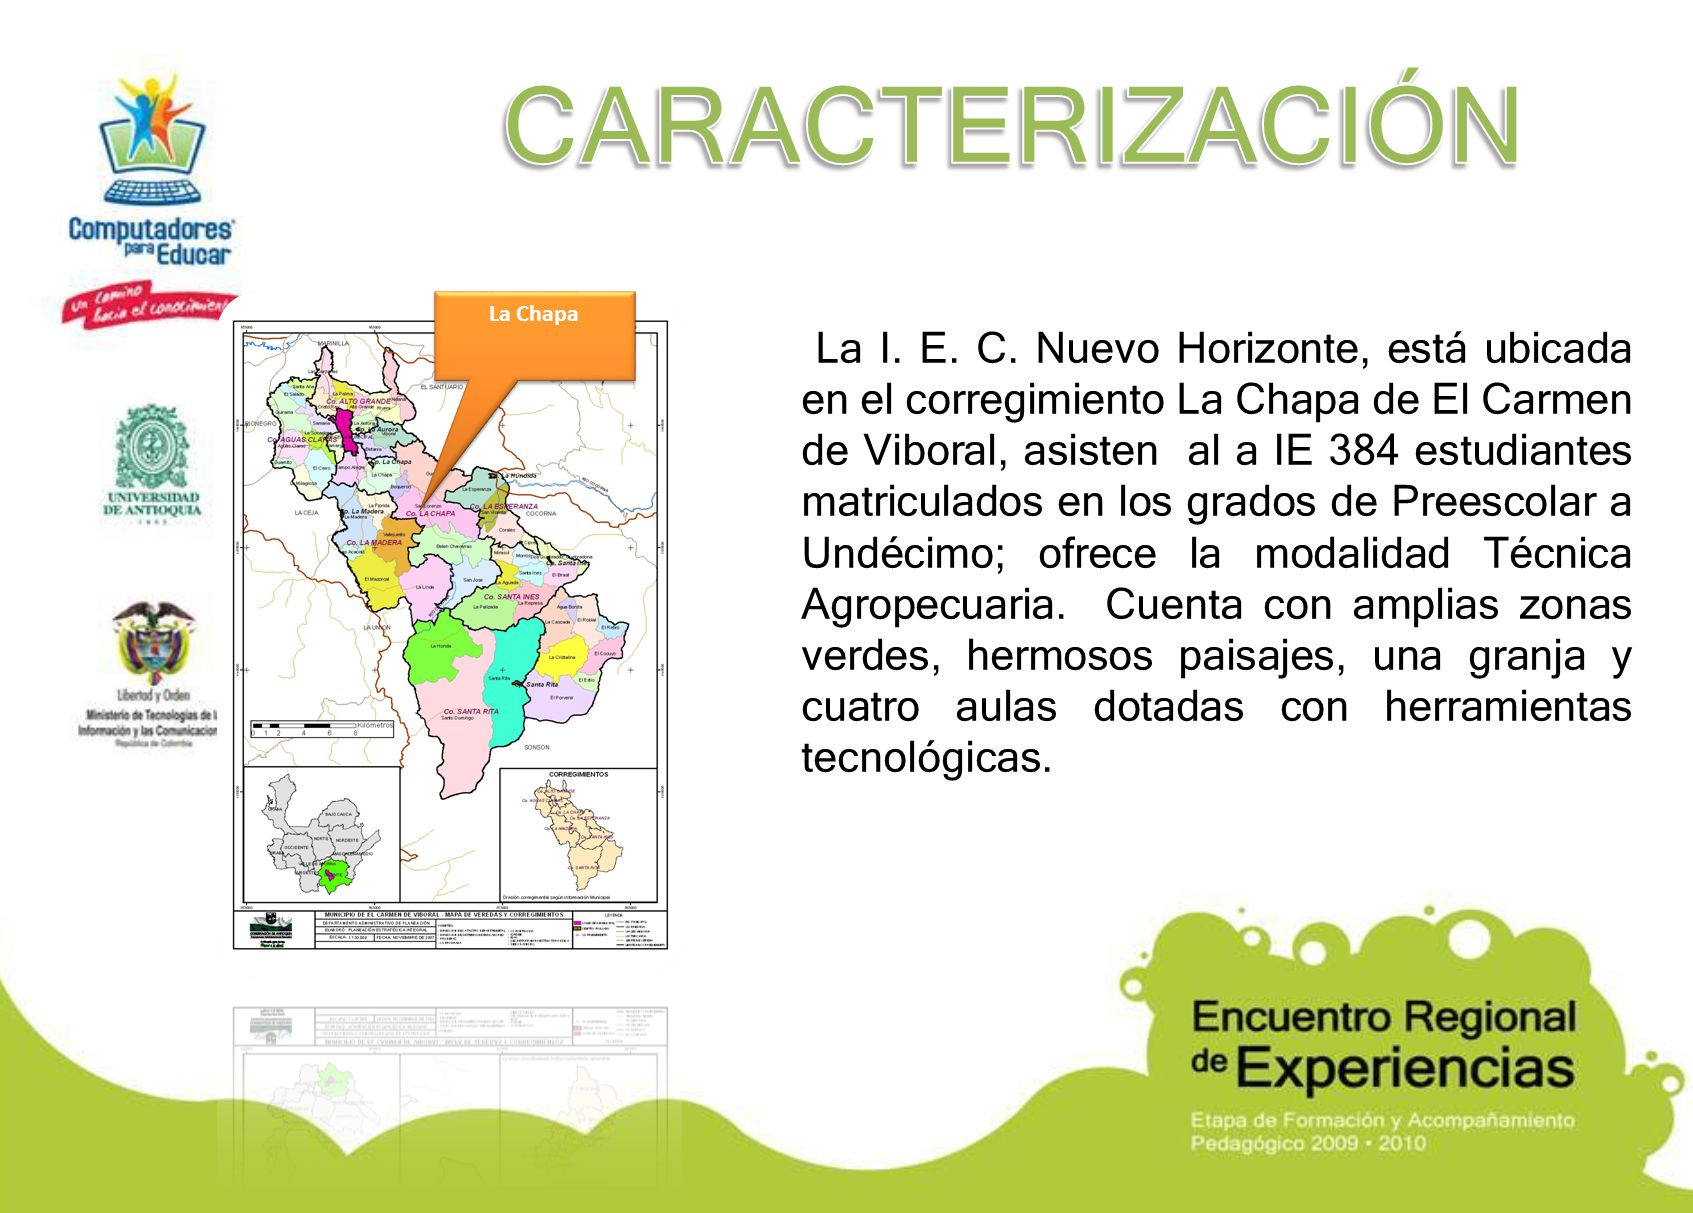 La I. E. C. Nuevo Horizonte, está ubicada en el corregimiento La Chapa de El Carmen de Viboral, asisten al a IE 384 estudiantes matriculados en los gr